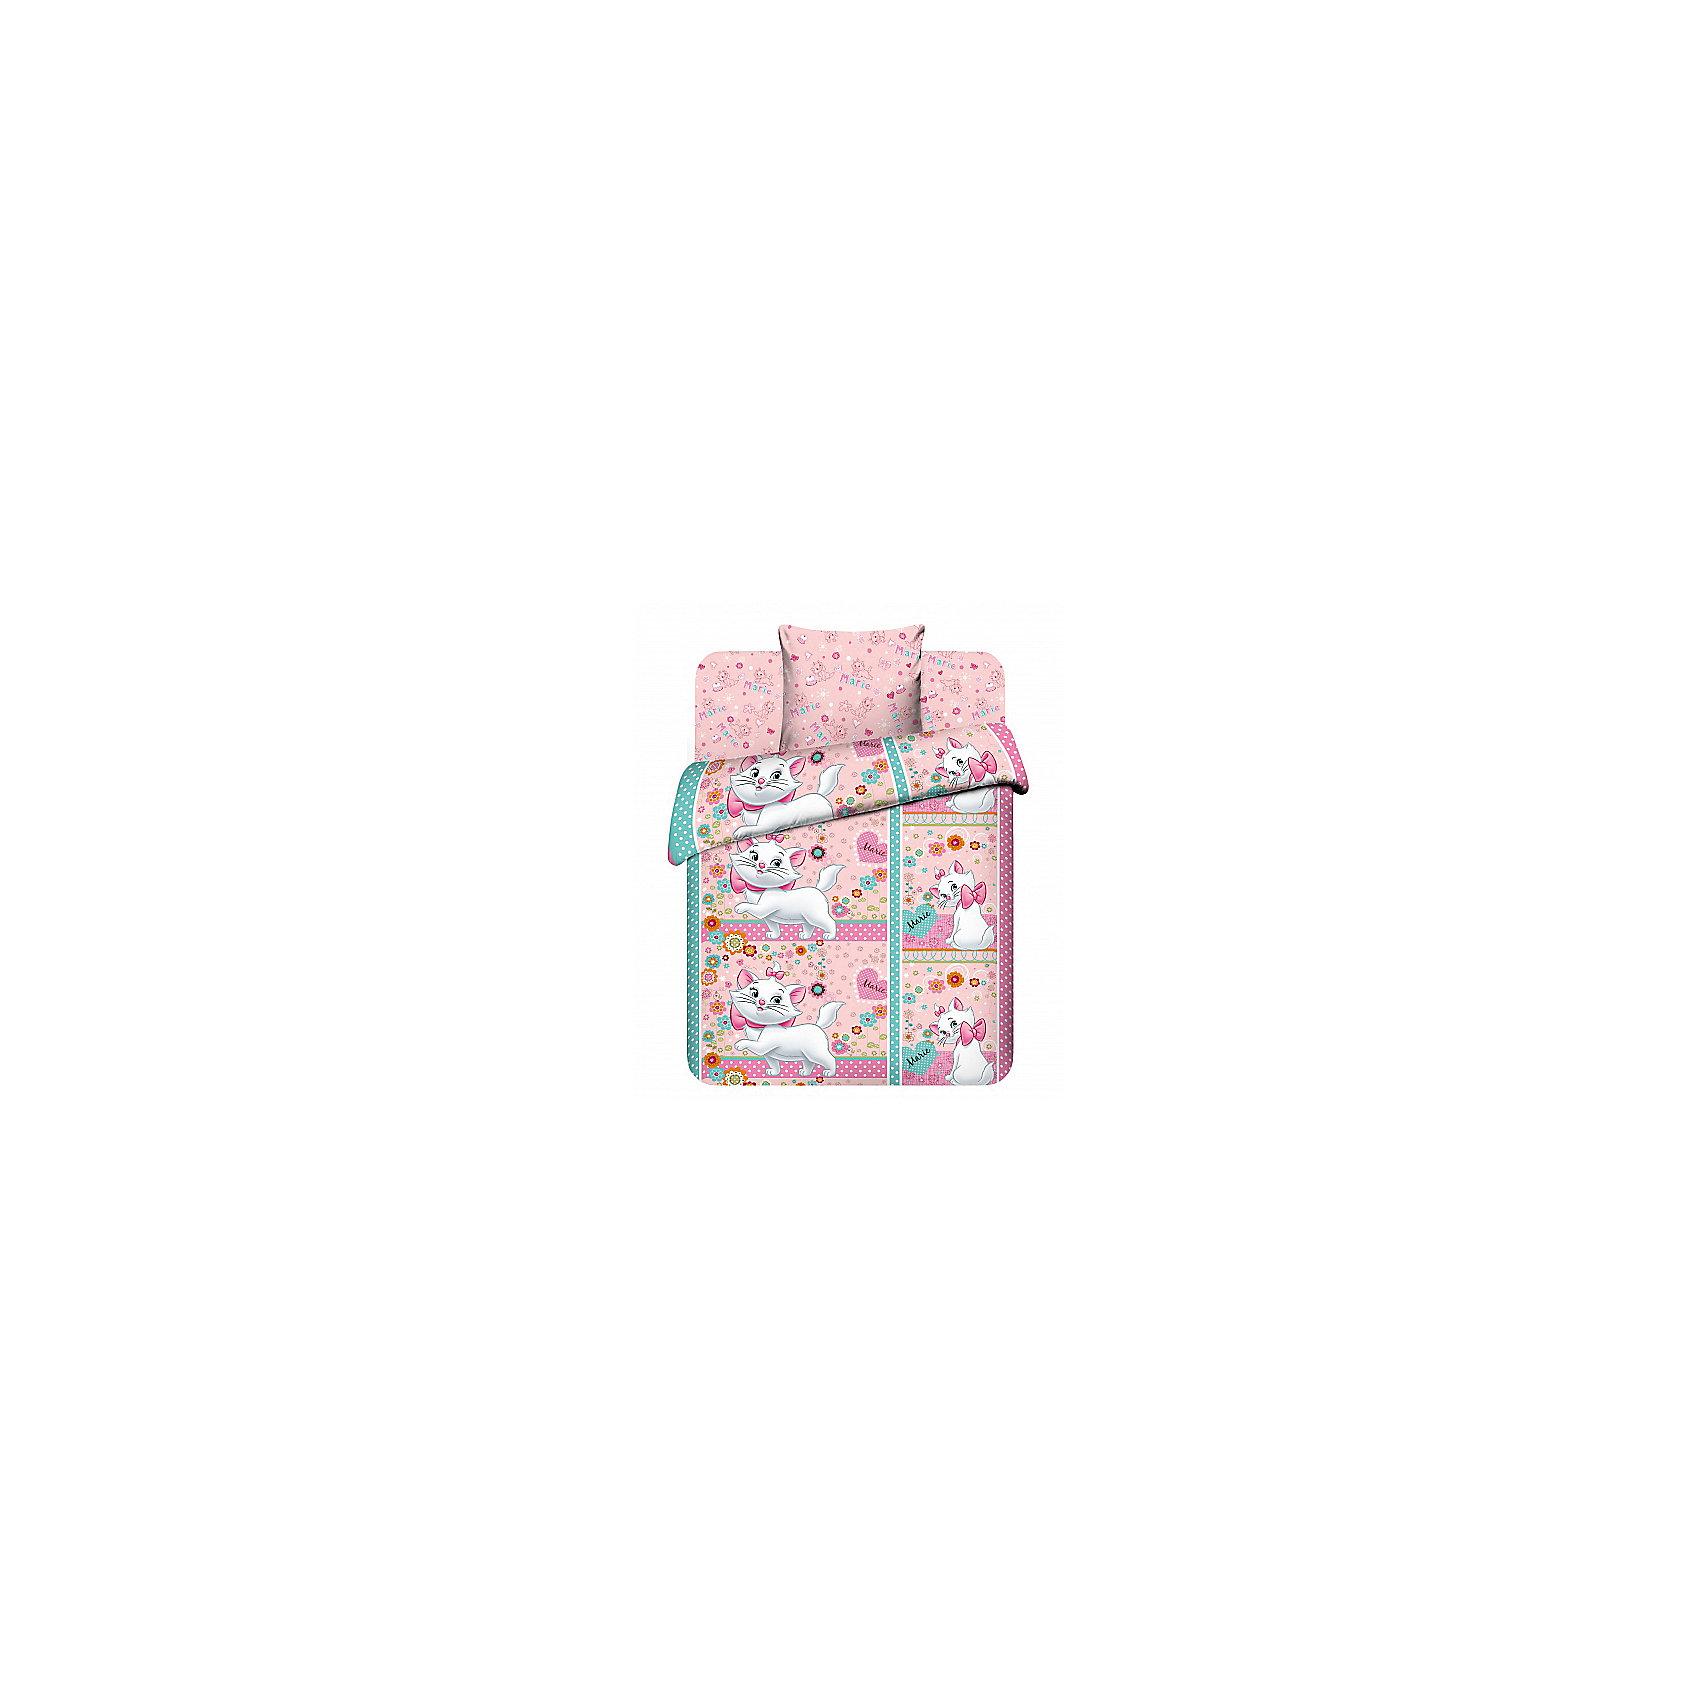 Комплект Лапочка Мари 1,5-спальный (наволочка 70*70 см), ВасилёкКомплект Лапочка Мари 1,5-спальный (наволочка 70*70 см), Василёк - это яркое постельное белье создаст атмосферу уюта в детской комнате.<br>С комплектом постельного белья Лапочка Мари Ваша малышка с удовольствием будет укладываться в свою кровать, и видеть чудесные сказочные сны. На пододеяльнике изображена диснеевская кошечка Мари из мультфильма «Коты аристократы». Героиня мультфильма выглядит необычайно ярко и красочно, и как будто оживает на детской кровати, украшая собой детскую спальню. Рисунок на пододеяльнике с двух сторон. Дизайн наволочки и простыни гармонично дополняет основной рисунок пододеяльника. Постельное белье изготовлено из бязи (100% хлопок). Белье приятное на ощупь, хорошо пропускает воздух. Устойчивые гипоаллергенные красители безопасны для здоровья ребенка. Белье легко стирается, гладится, сохраняет цвет и прочность даже после многочисленных стирок.<br><br>Дополнительная информация:<br><br>- Тип ткани: бязь<br>- Состав: 100% хлопок<br>- В комплекте: 1 наволочка, 1 пододеяльник и 1 простыня<br>- Размер пододеяльника: 148 х 215 см.<br>- Размер наволочки: 70 х 70 см.<br>- Размер простыни: 150 х 214 см.<br>- Размер упаковки: 30 х 5 х 30 см.<br>- Вес: 1,5 кг.<br><br>Комплект Лапочка Мари 1,5-спальный (наволочка 70*70 см), Василёк можно купить в нашем интернет-магазине.<br><br>Ширина мм: 300<br>Глубина мм: 50<br>Высота мм: 300<br>Вес г: 1500<br>Возраст от месяцев: 36<br>Возраст до месяцев: 144<br>Пол: Женский<br>Возраст: Детский<br>SKU: 4143468